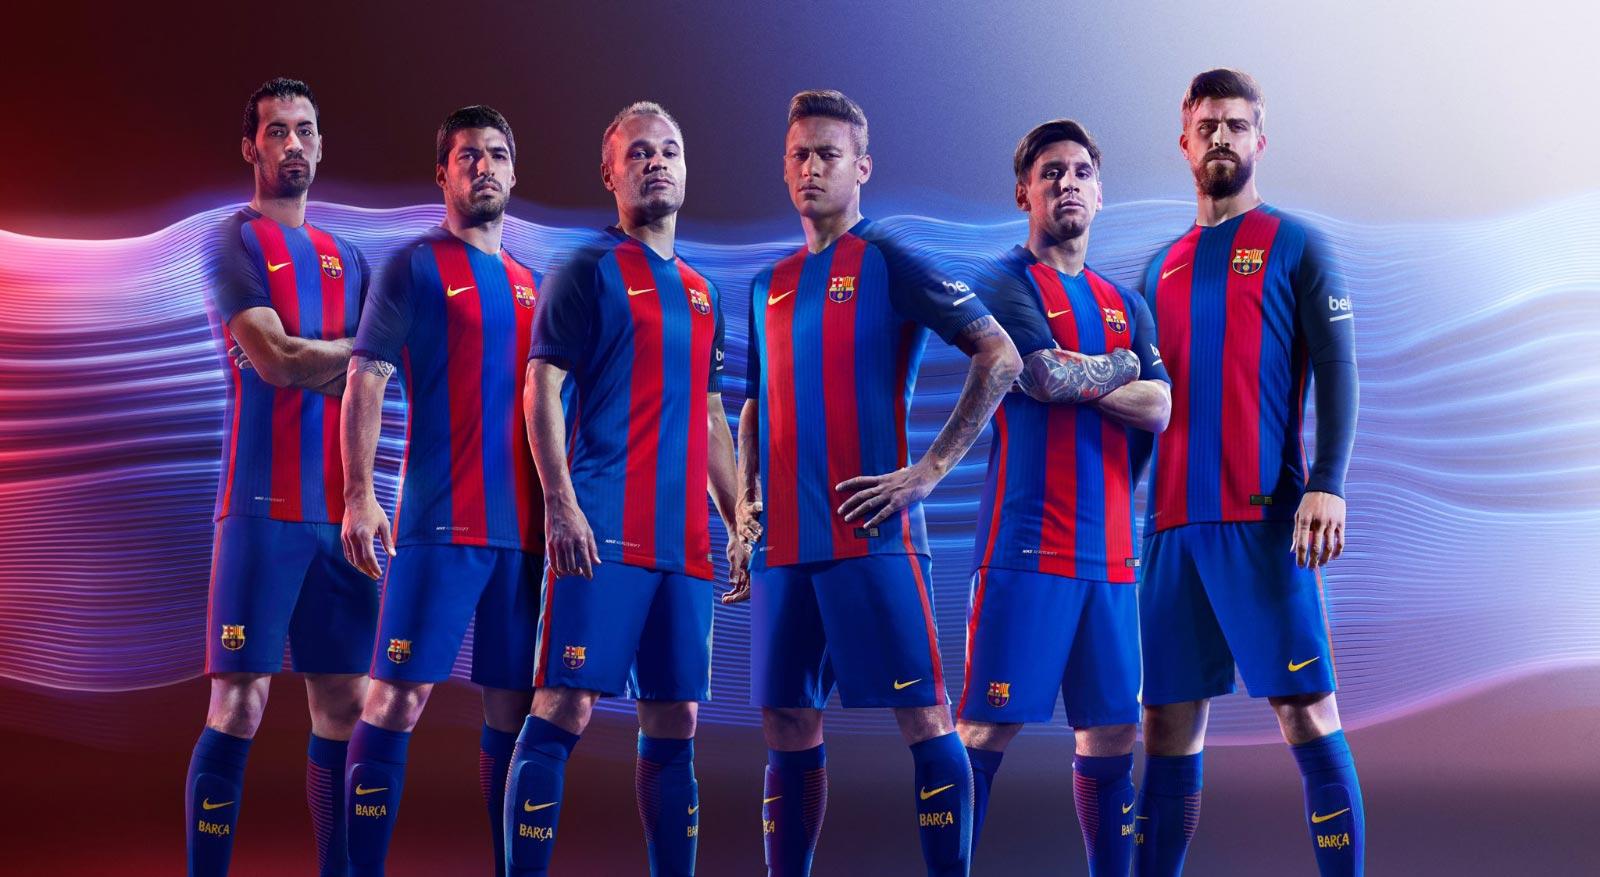 barcelona-16-17-home-kit-7.jpg